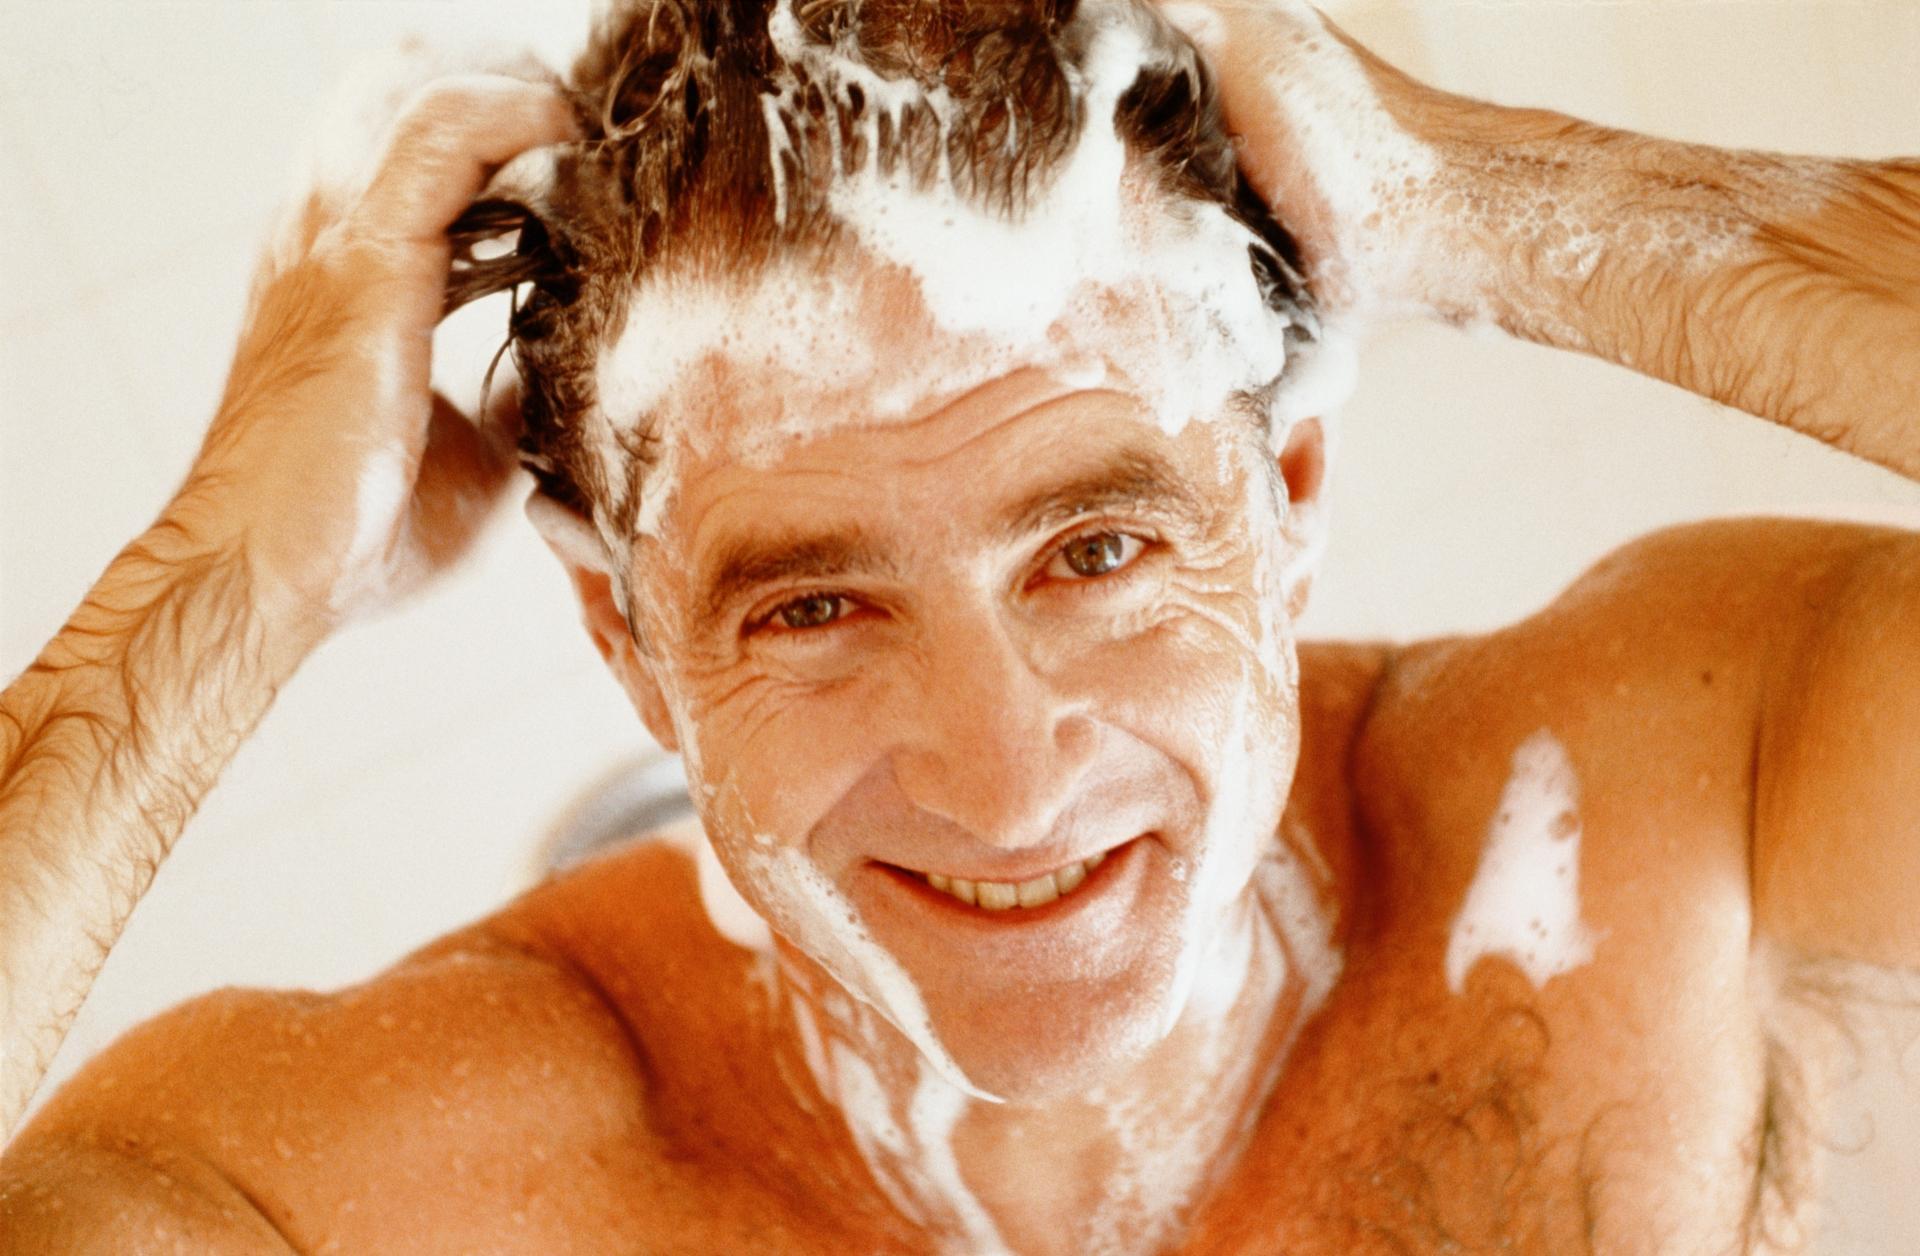 low cost 6defa c5eeb Uno shampoo fai da te per la ricrescita dei capelli.. al ...